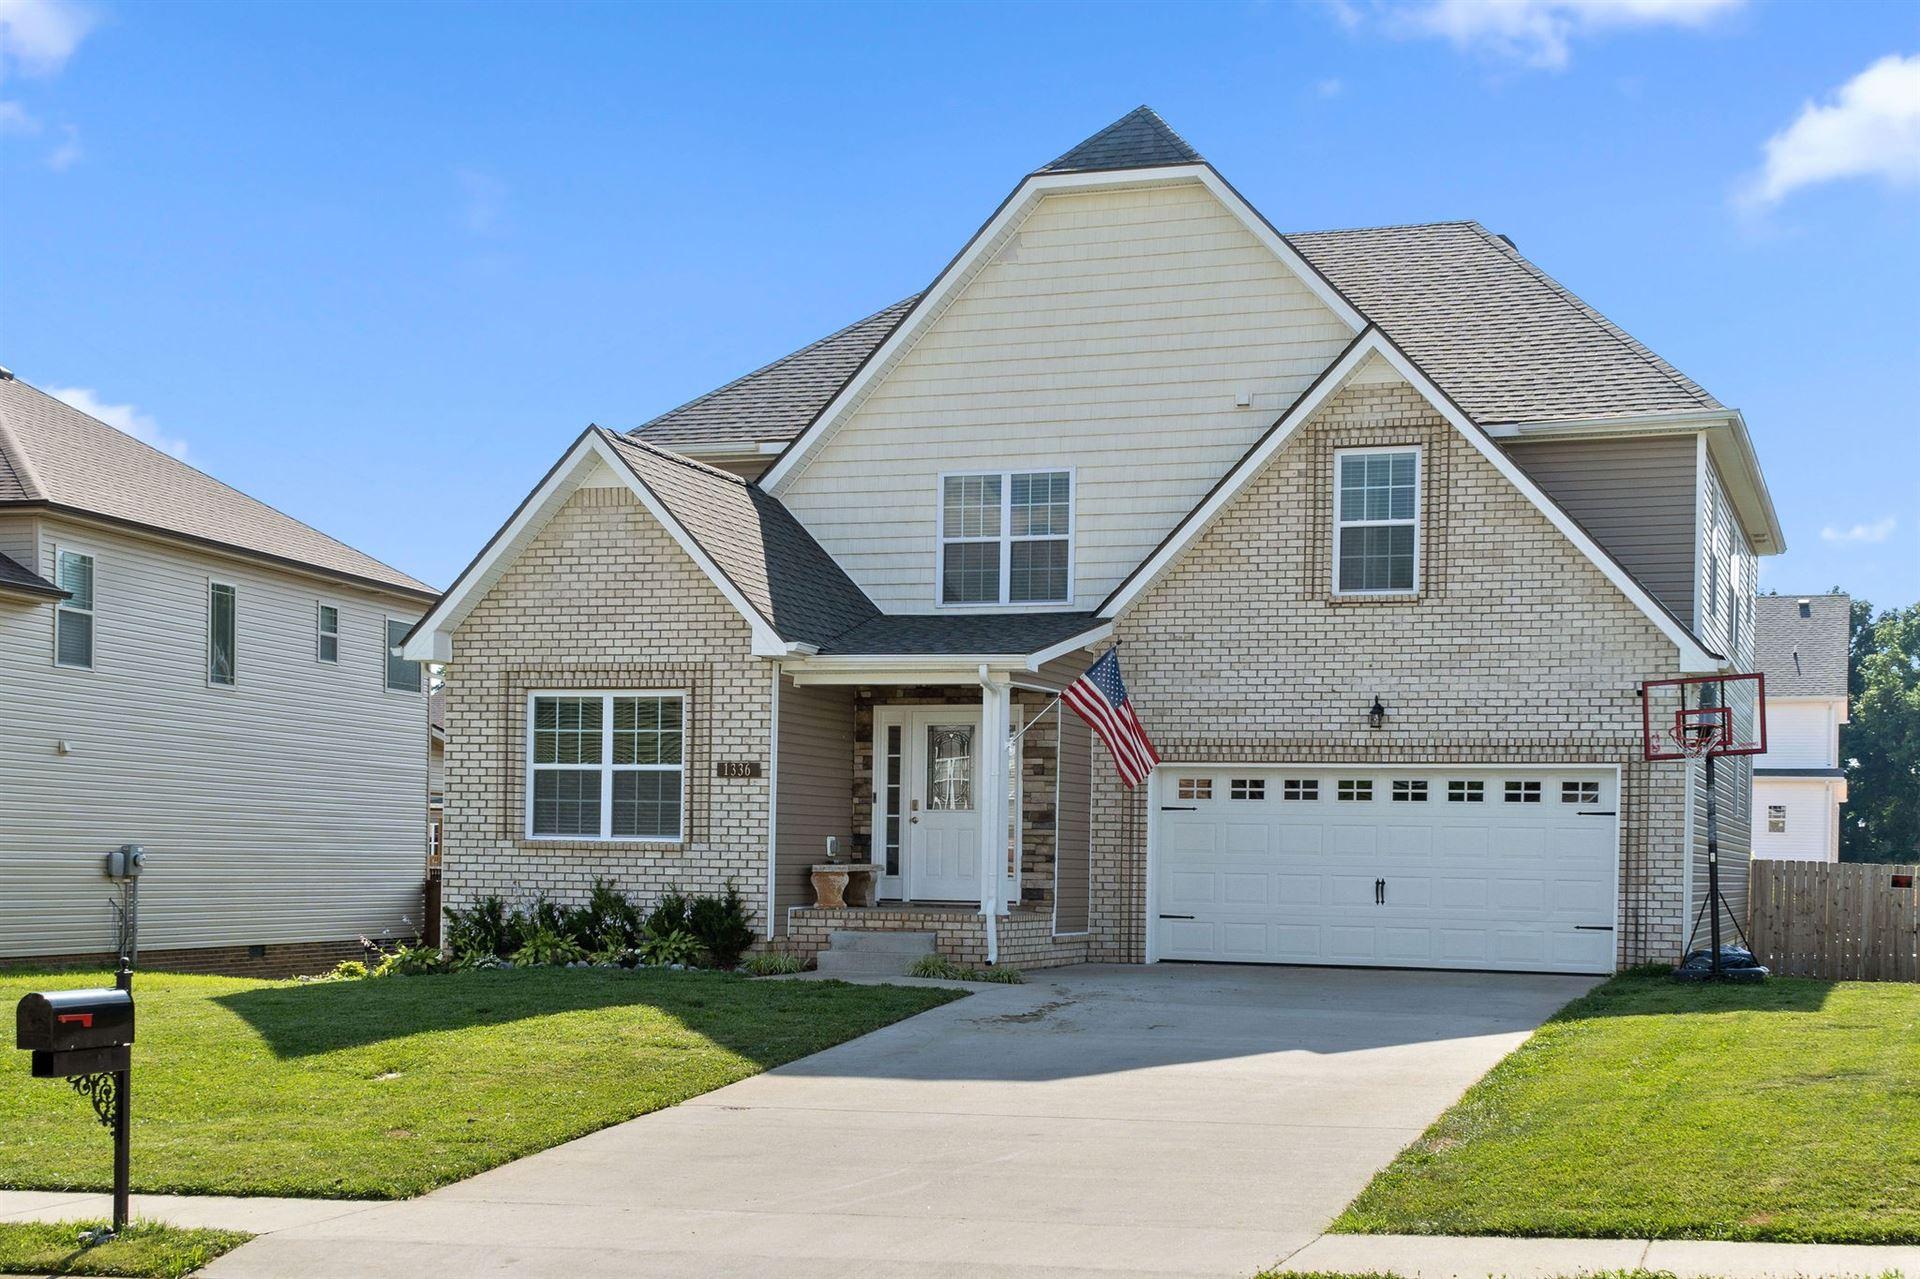 1336 Harmon Ln, Clarksville, TN 37042 - MLS#: 2264338